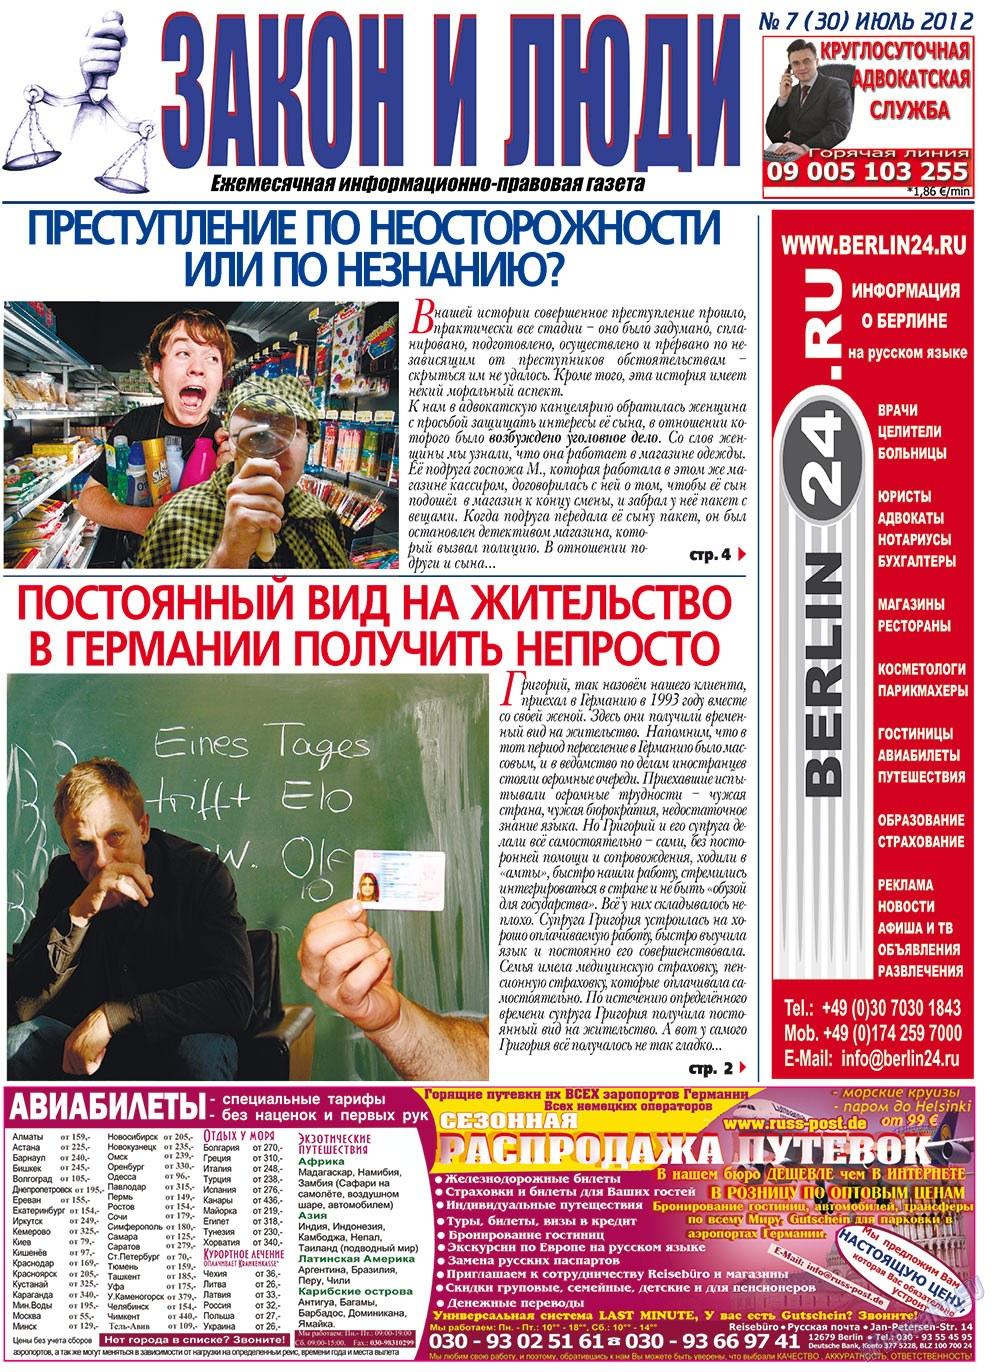 Закон и люди (газета). 2012 год, номер 7, стр. 1